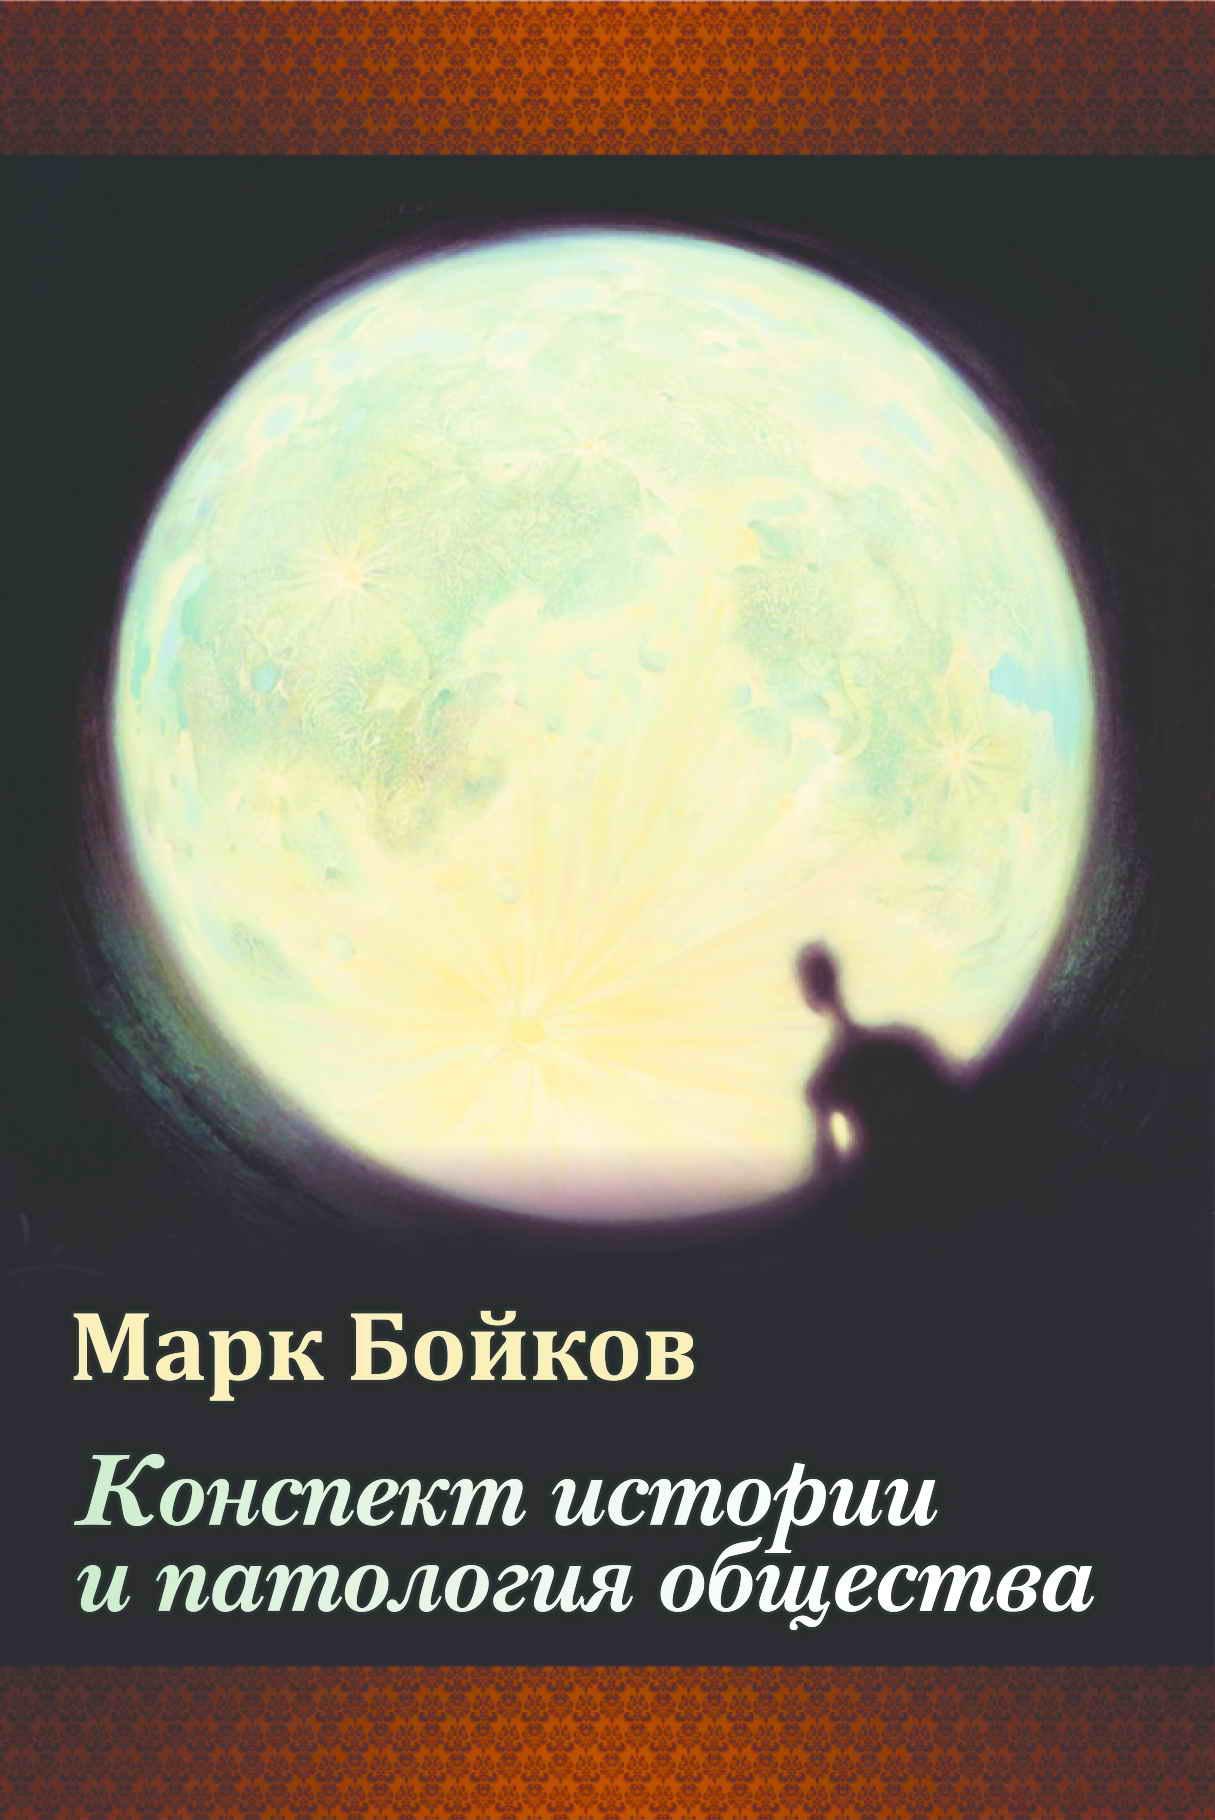 7 Oblozhka Boykov Konspekt istorii i patalogiya obshestva